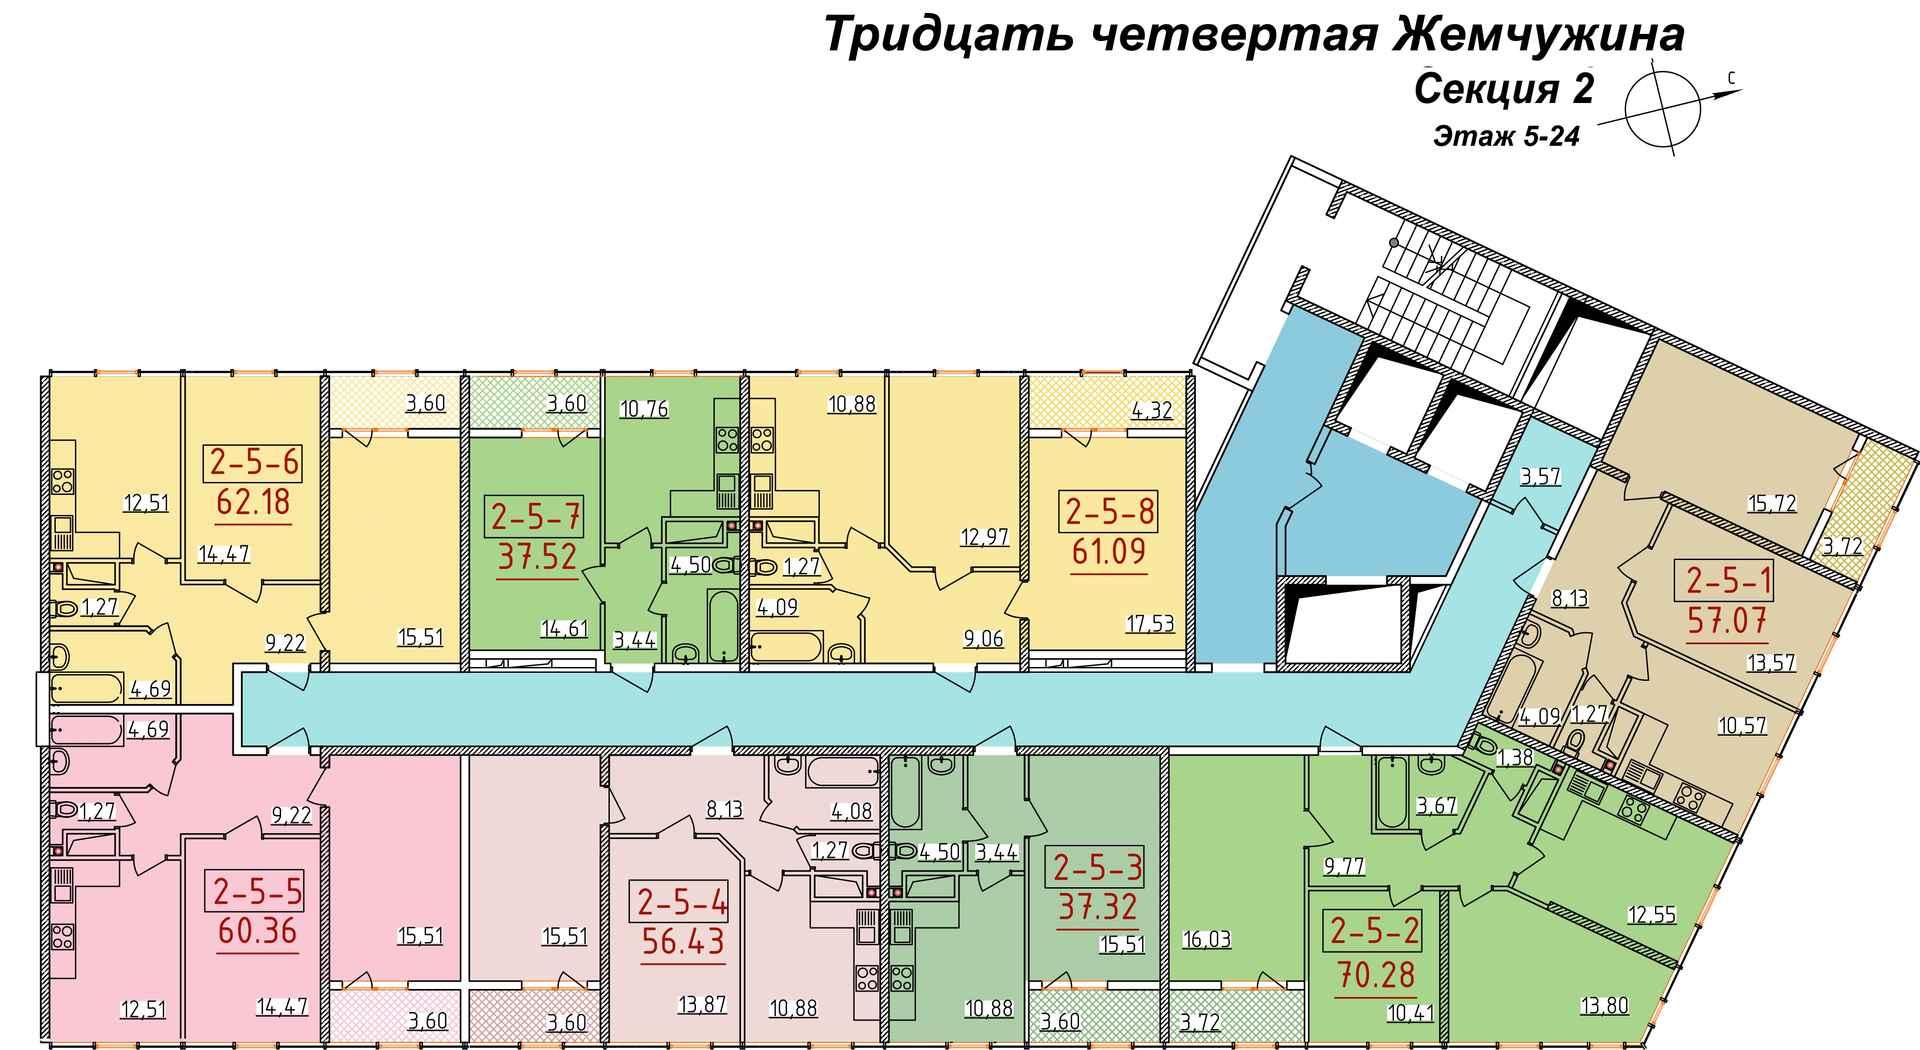 34 Жемчужина Планировка этажа Секция 2 Этаж 5-24